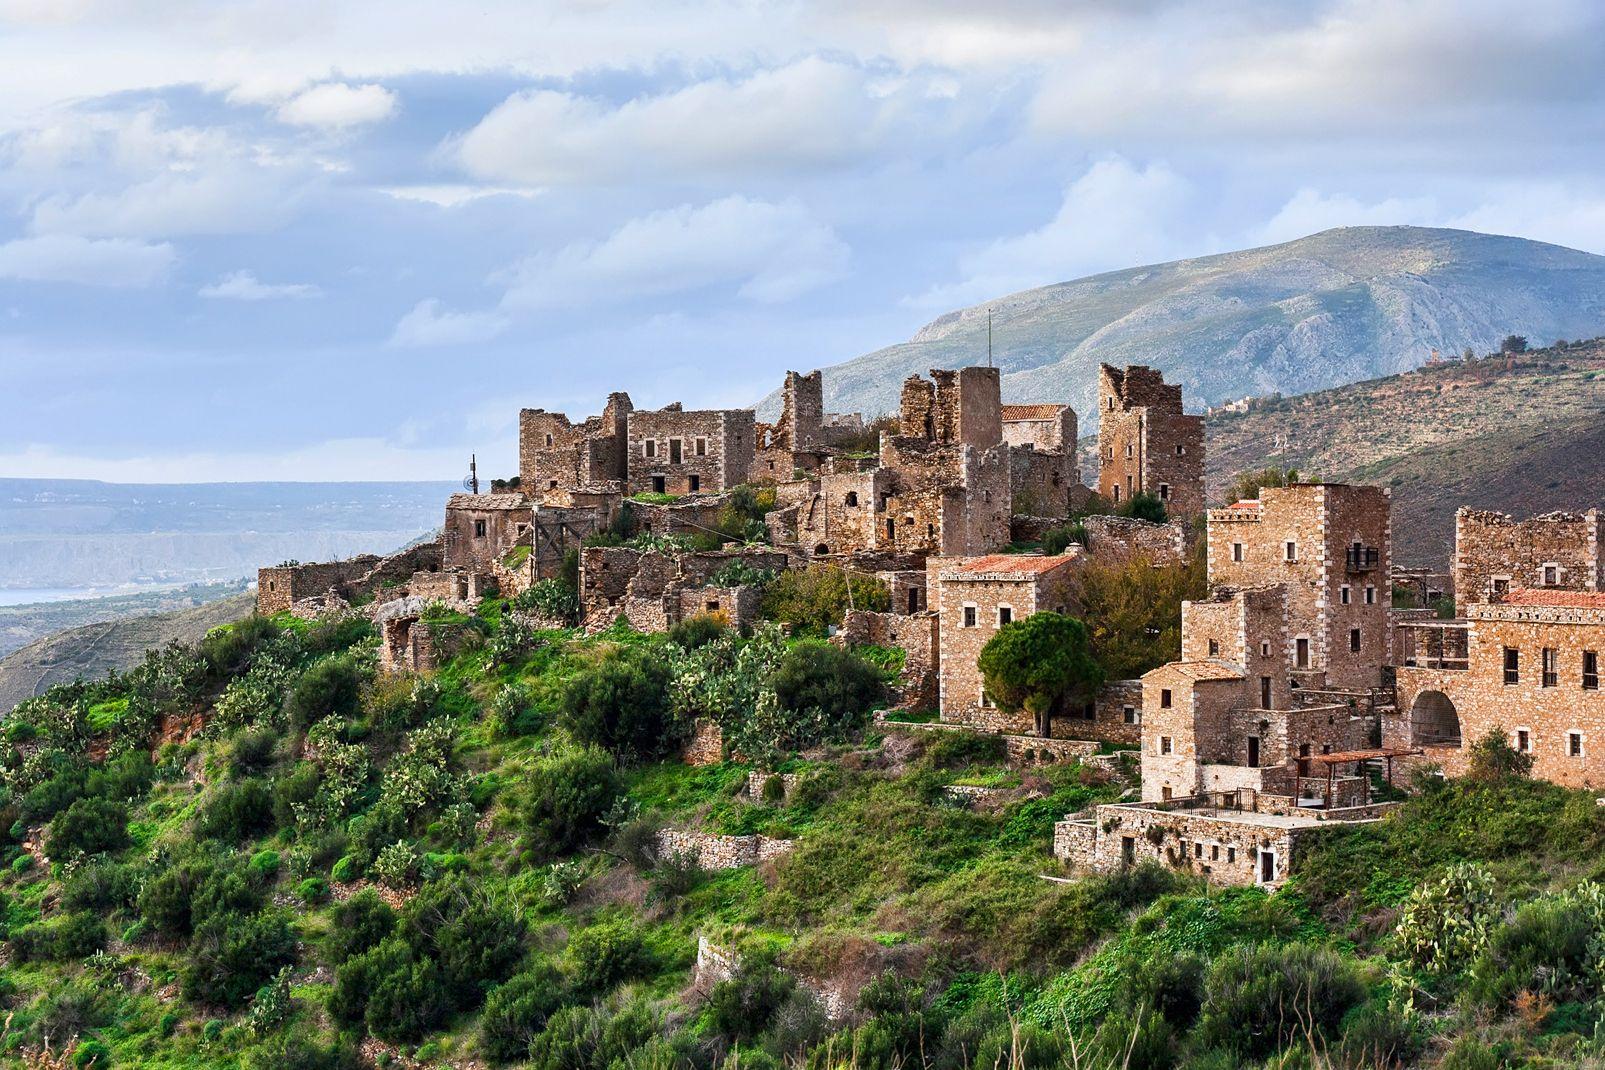 peloponnese, grèce, europe, village, historique, magne, péninsule